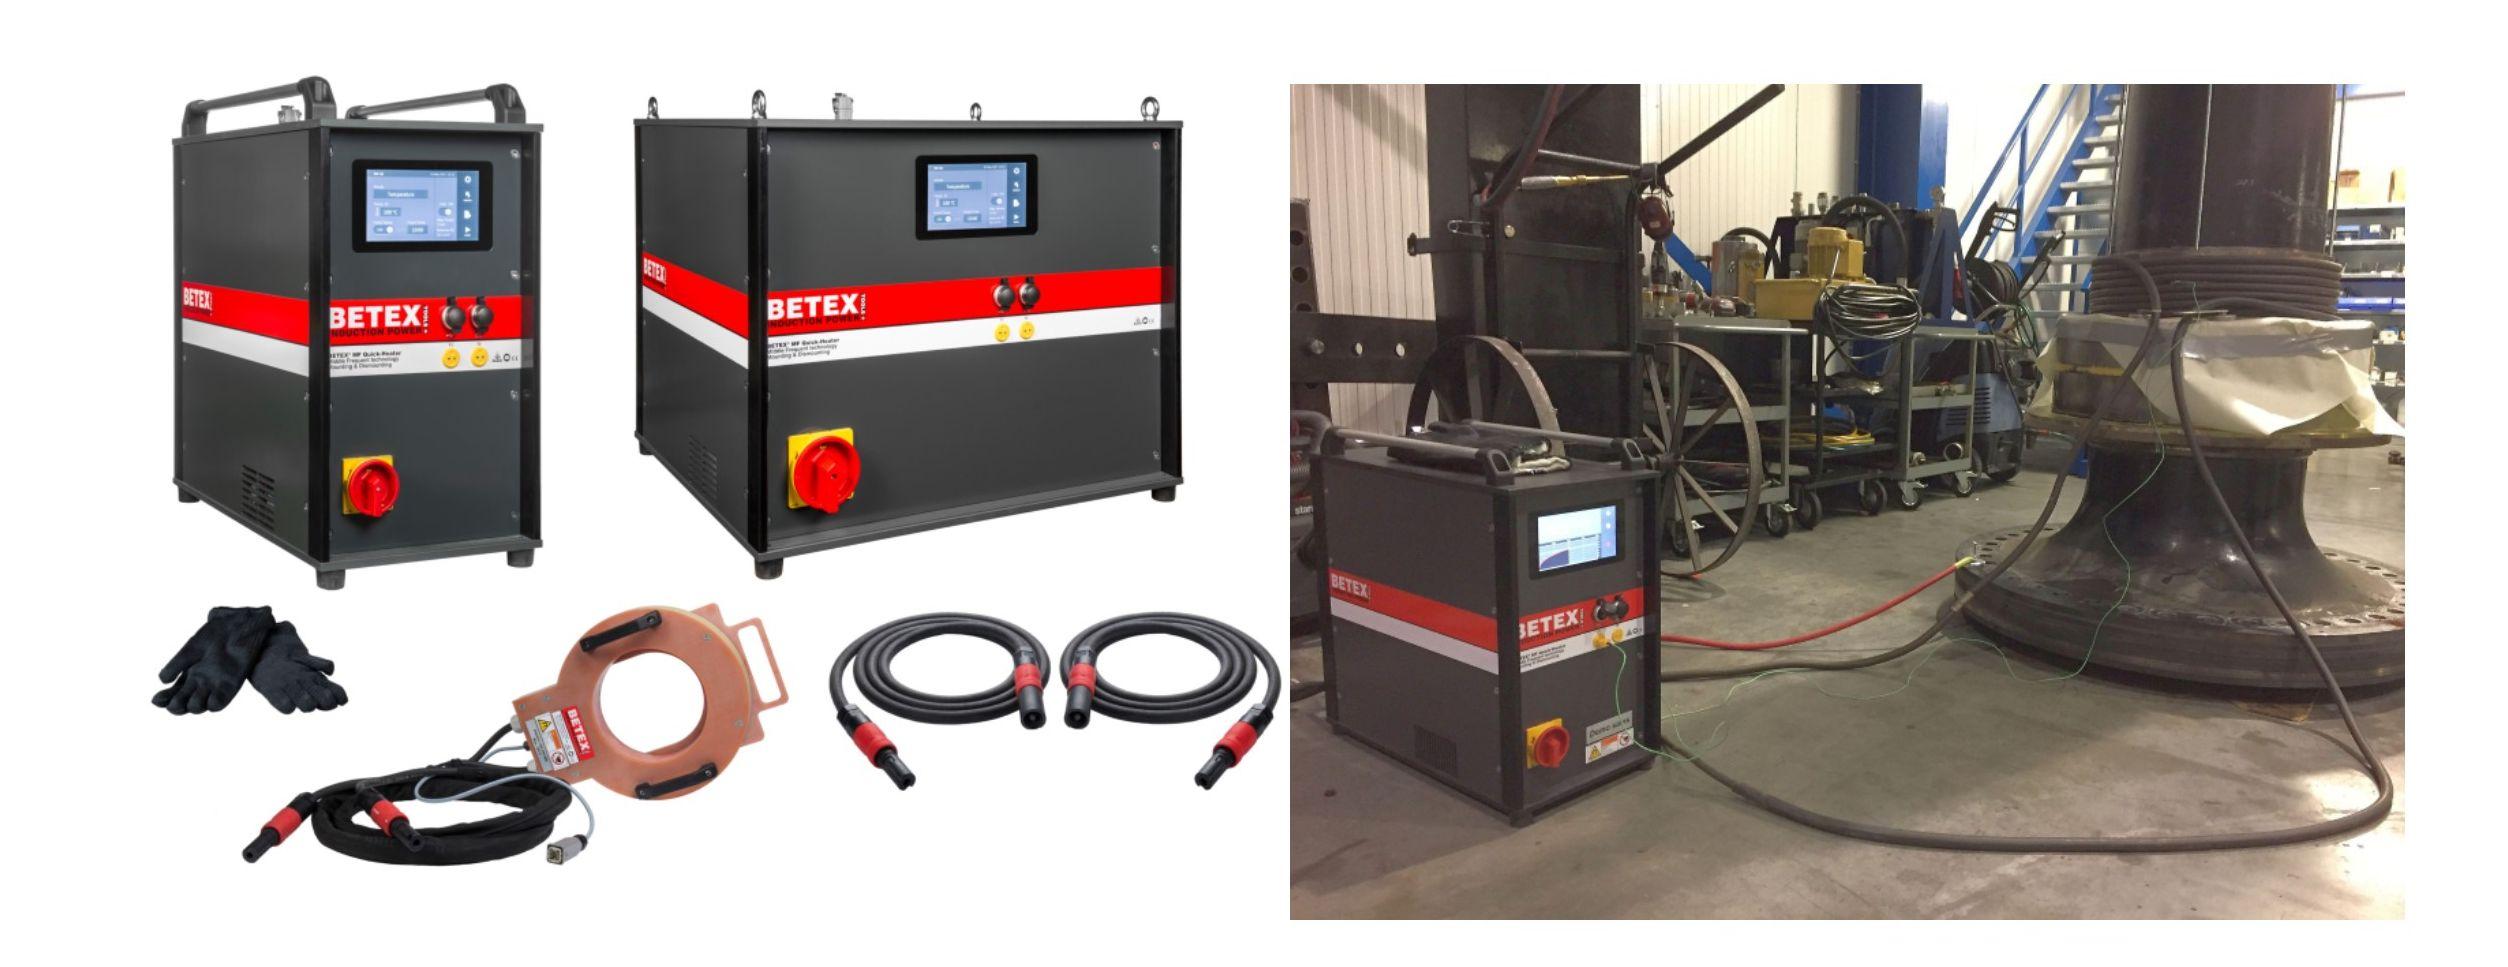 BETEX MF Quick-Heaters voor montage, demontage en voorverwarming